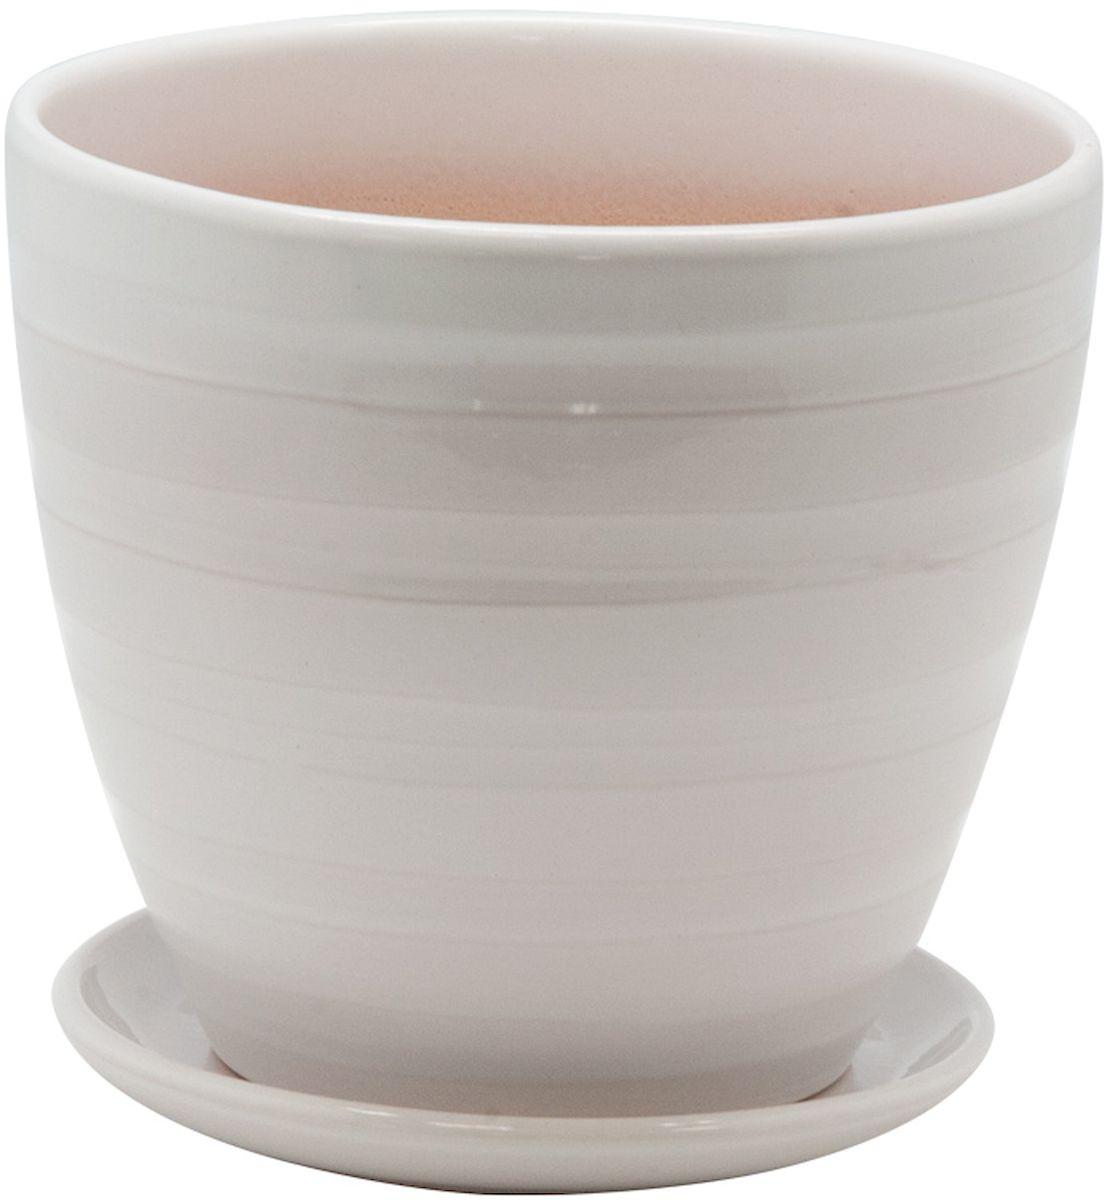 Горшок цветочный Engard, с поддоном, цвет: белый, 1,4 лBH-20-1Керамический горшок - это идеальное решение для выращивания комнатных растений и создания изысканности в интерьере. Керамический горшок сделан из высококачественной глины в классической форме и оригинальном дизайне.